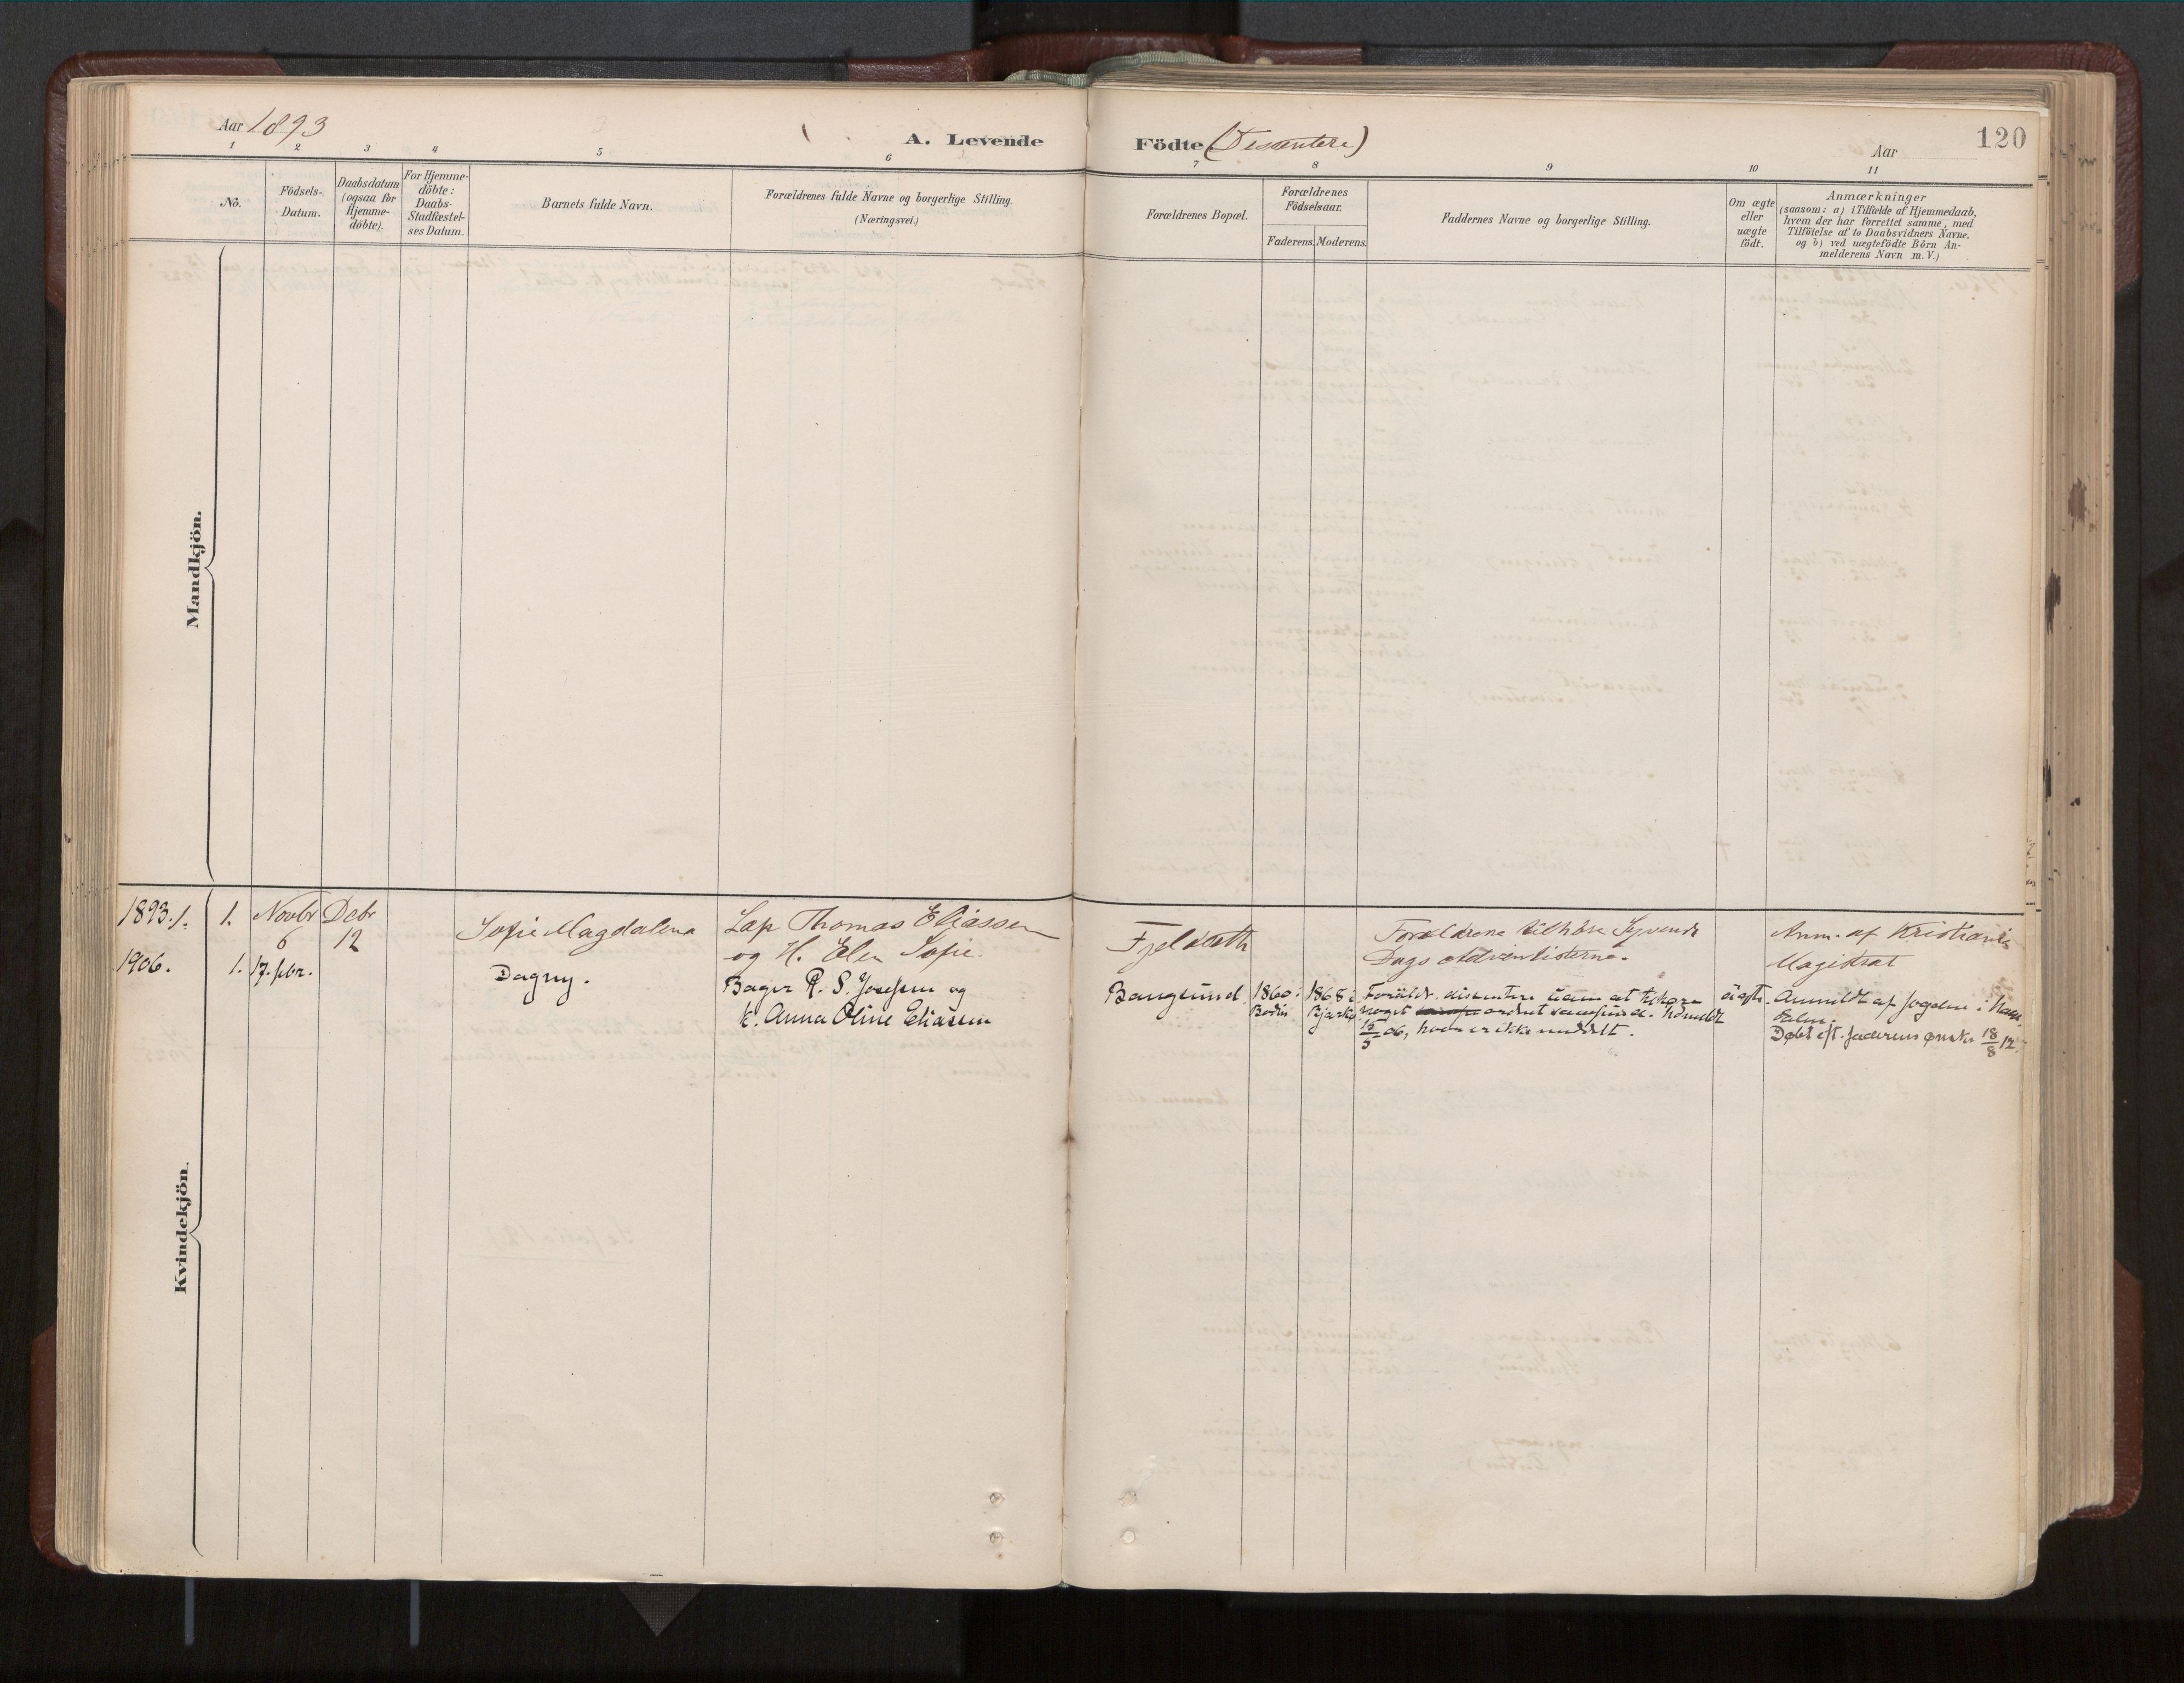 SAT, Ministerialprotokoller, klokkerbøker og fødselsregistre - Nord-Trøndelag, 770/L0589: Ministerialbok nr. 770A03, 1887-1929, s. 120